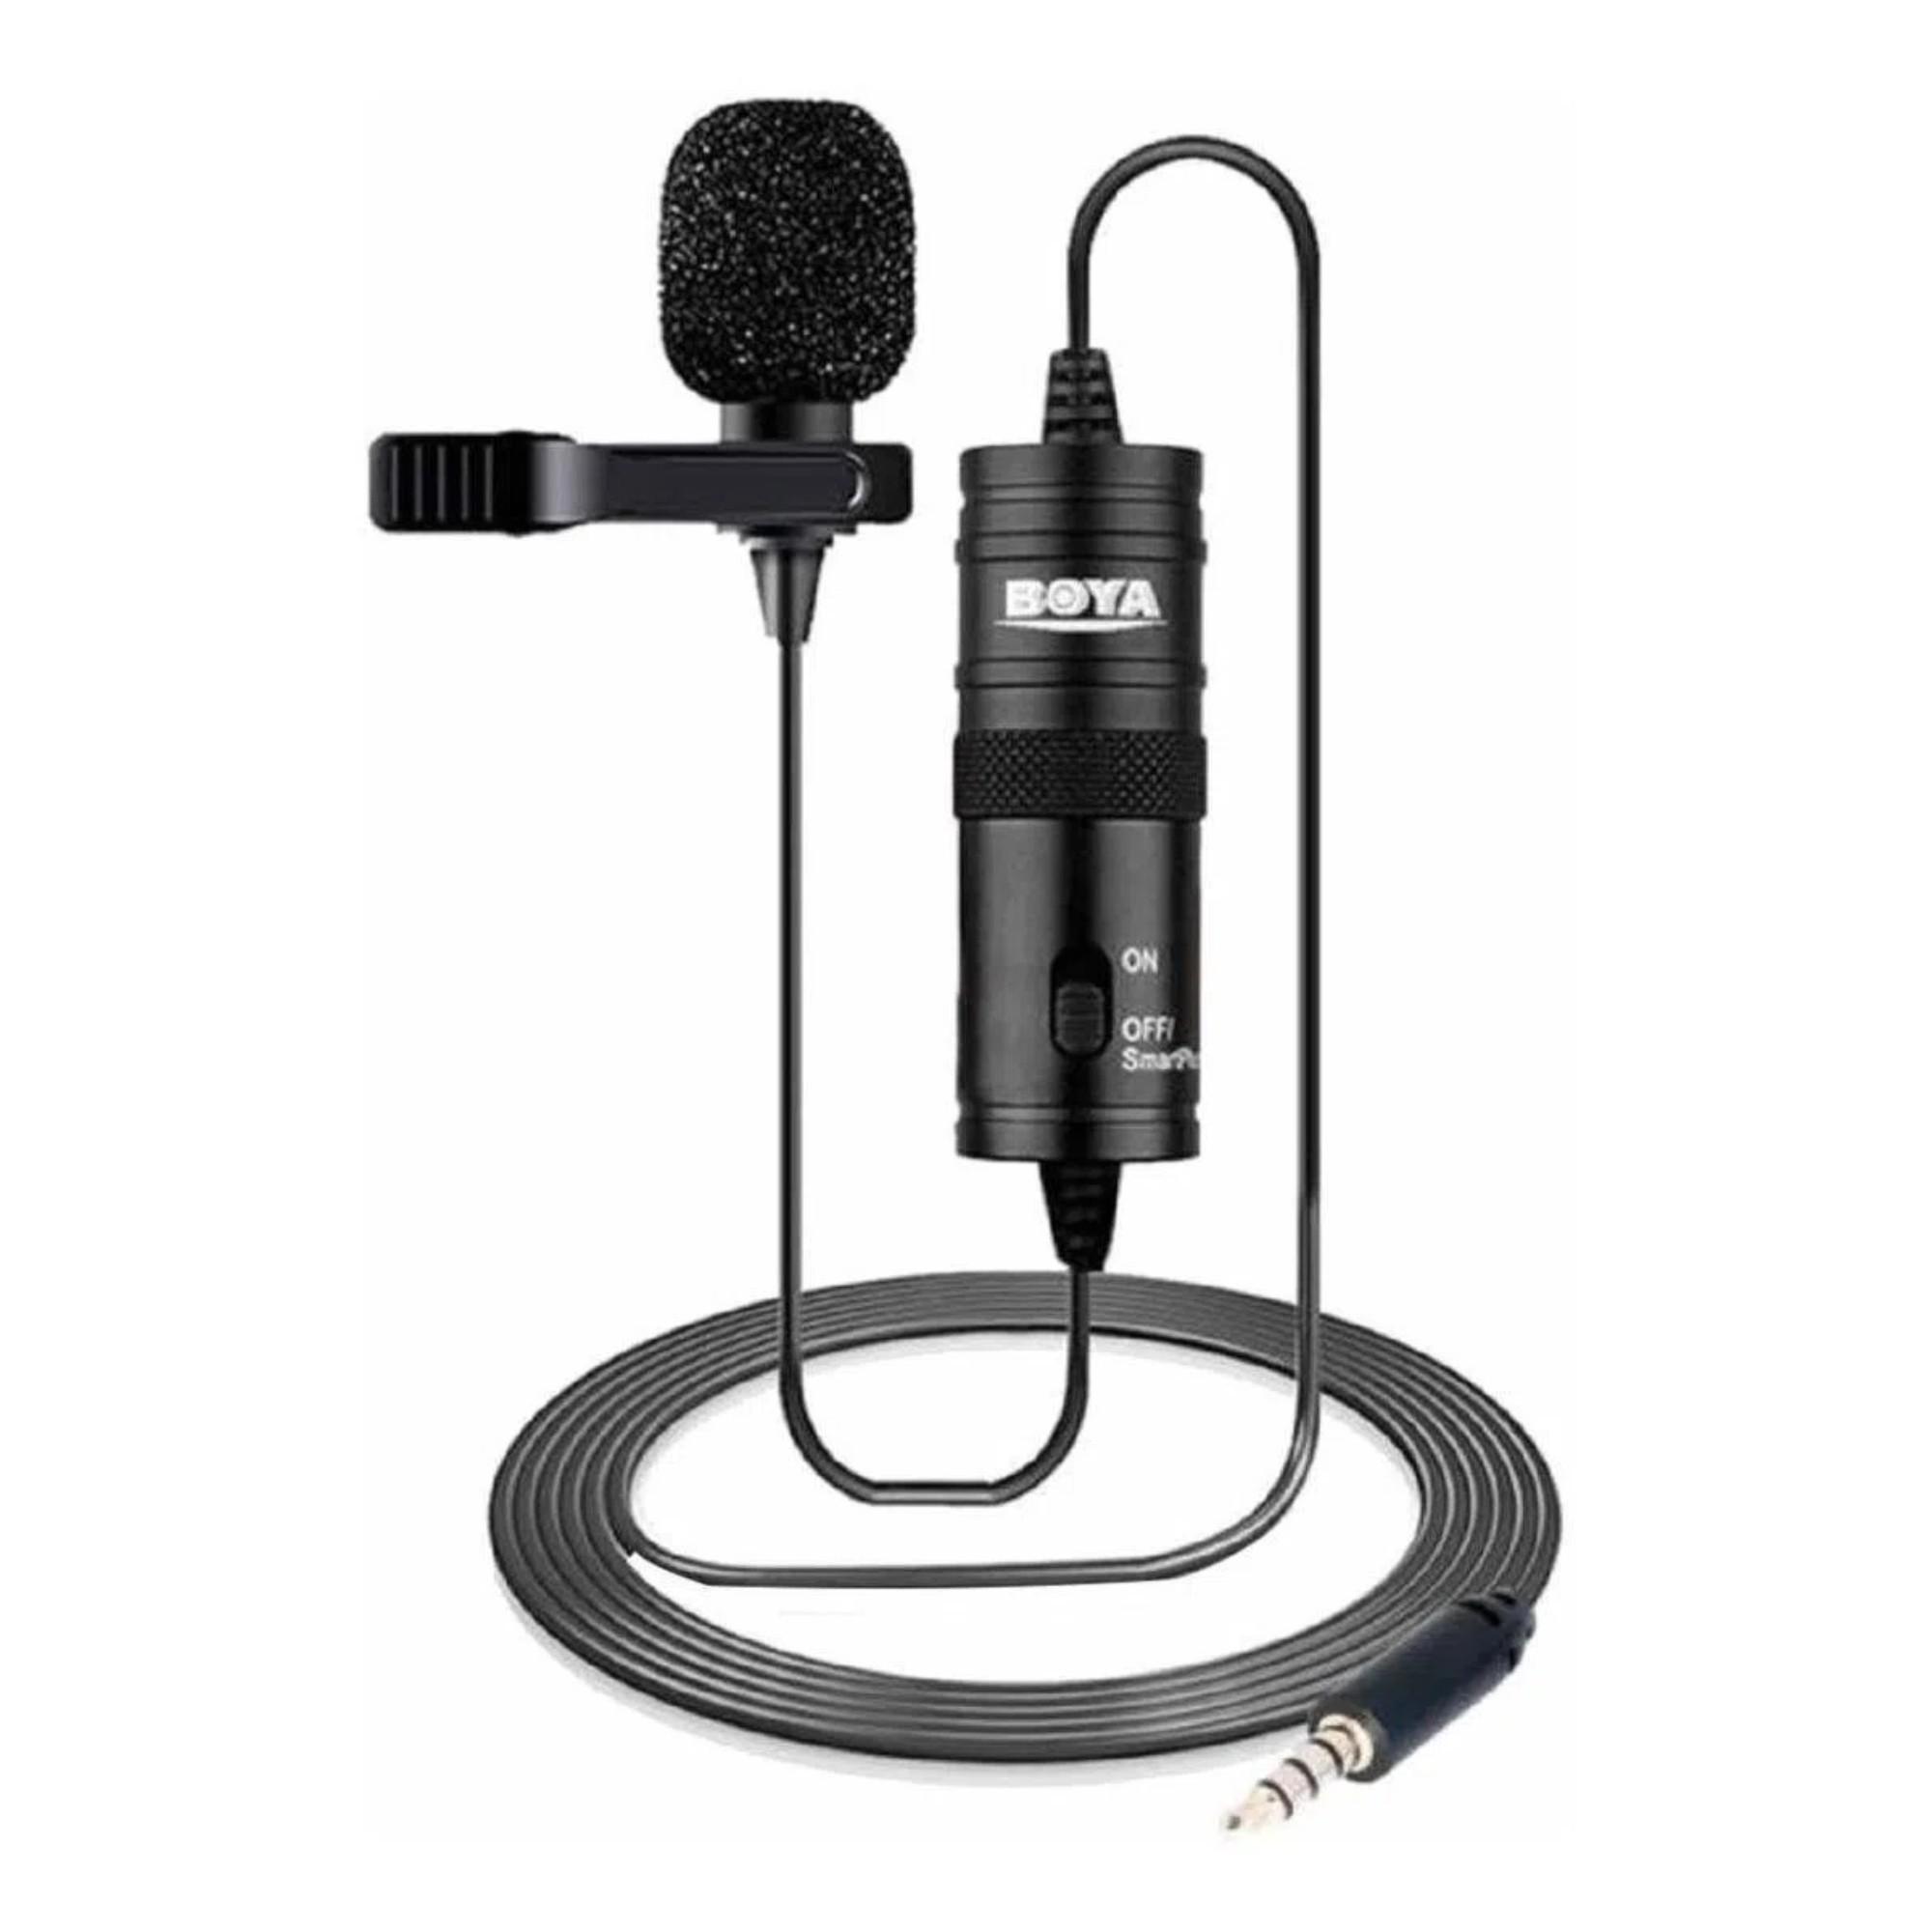 Microfone de Lapela P/ Smartphone e Câmeras Cabo 6m